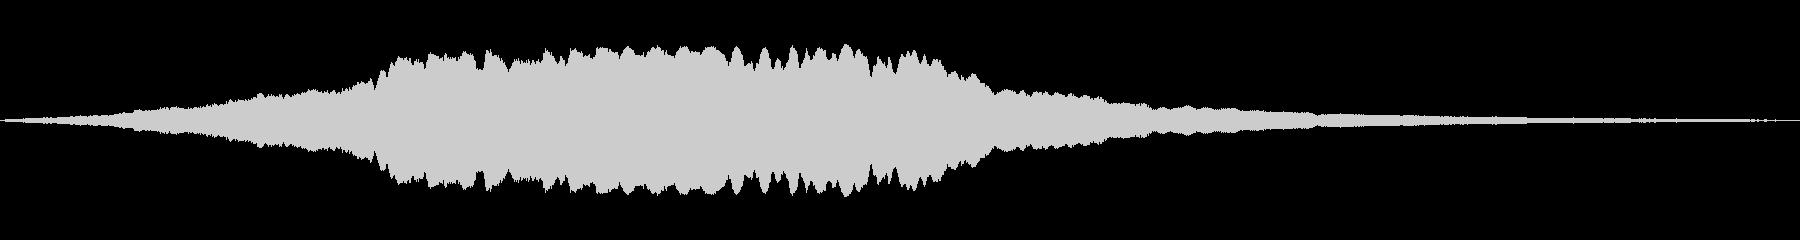 トーンアラーム空襲サイレンwavの未再生の波形